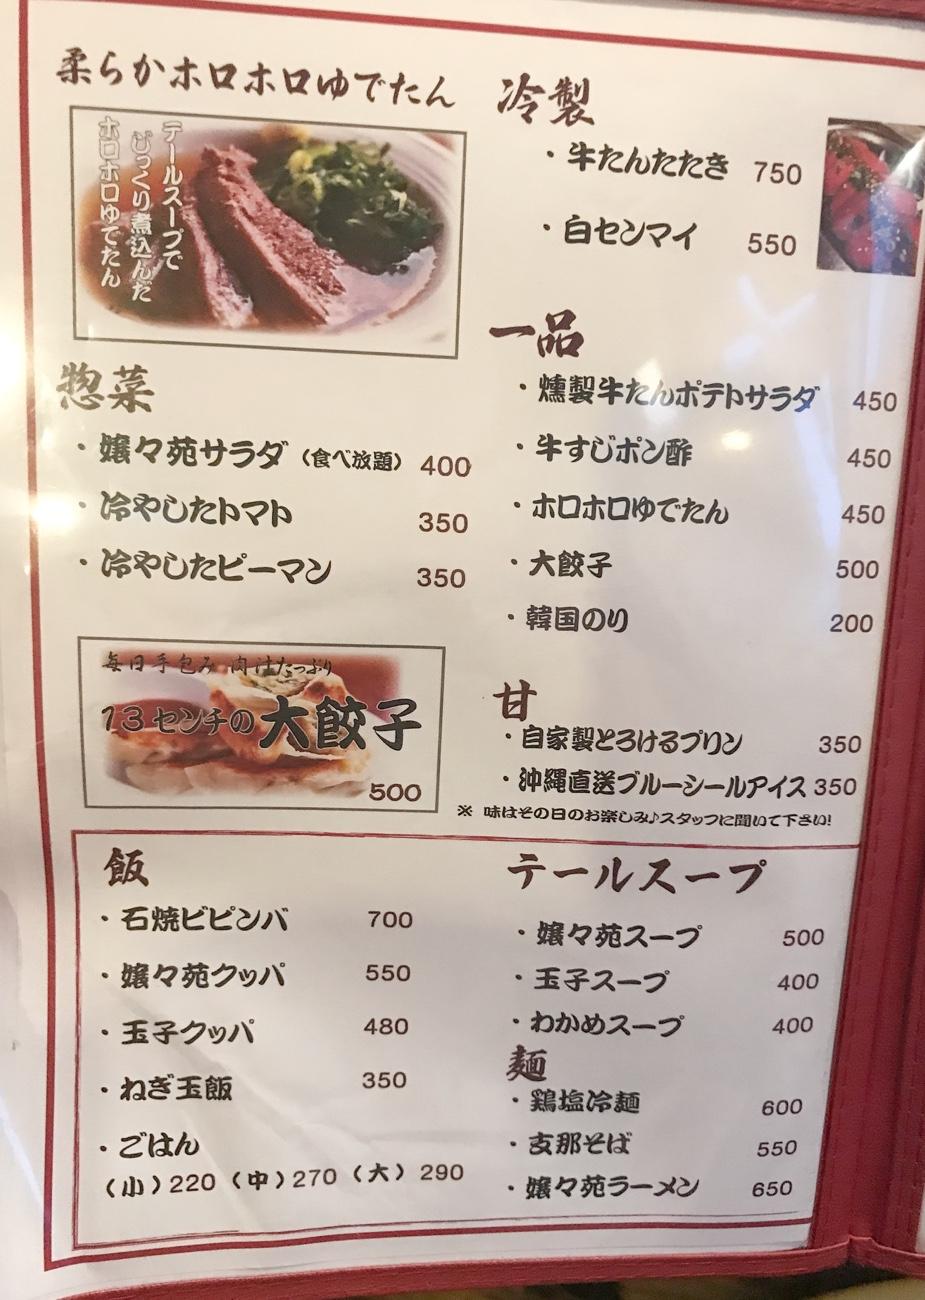 浦和駅焼肉おすすめ嬢々苑